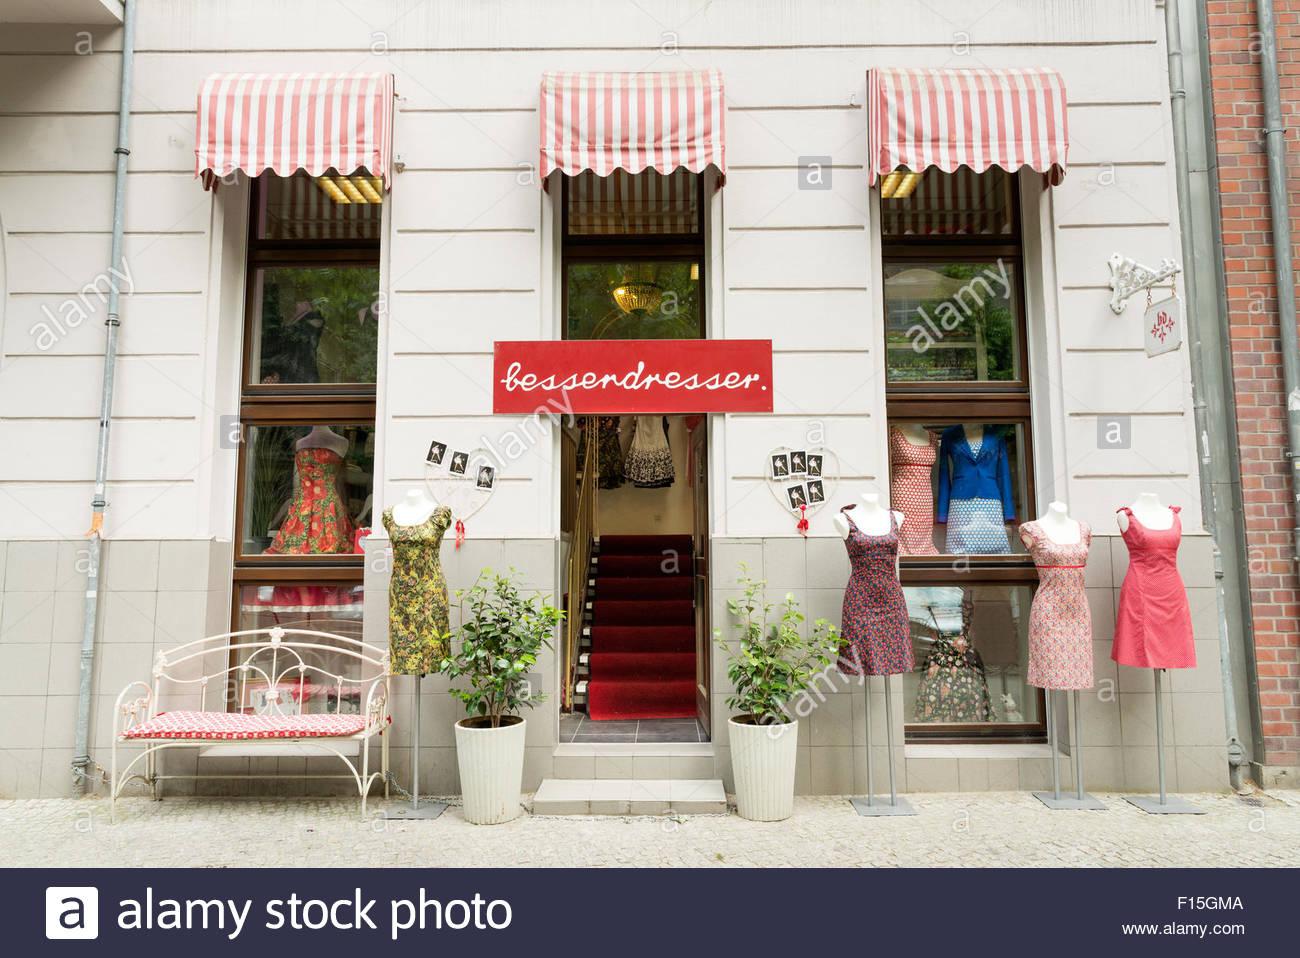 Damen Kleidung Shop auf Kollwitzstrasse im Bezirk Prenzlauer Berg, Berlin, Deutschland Stockbild